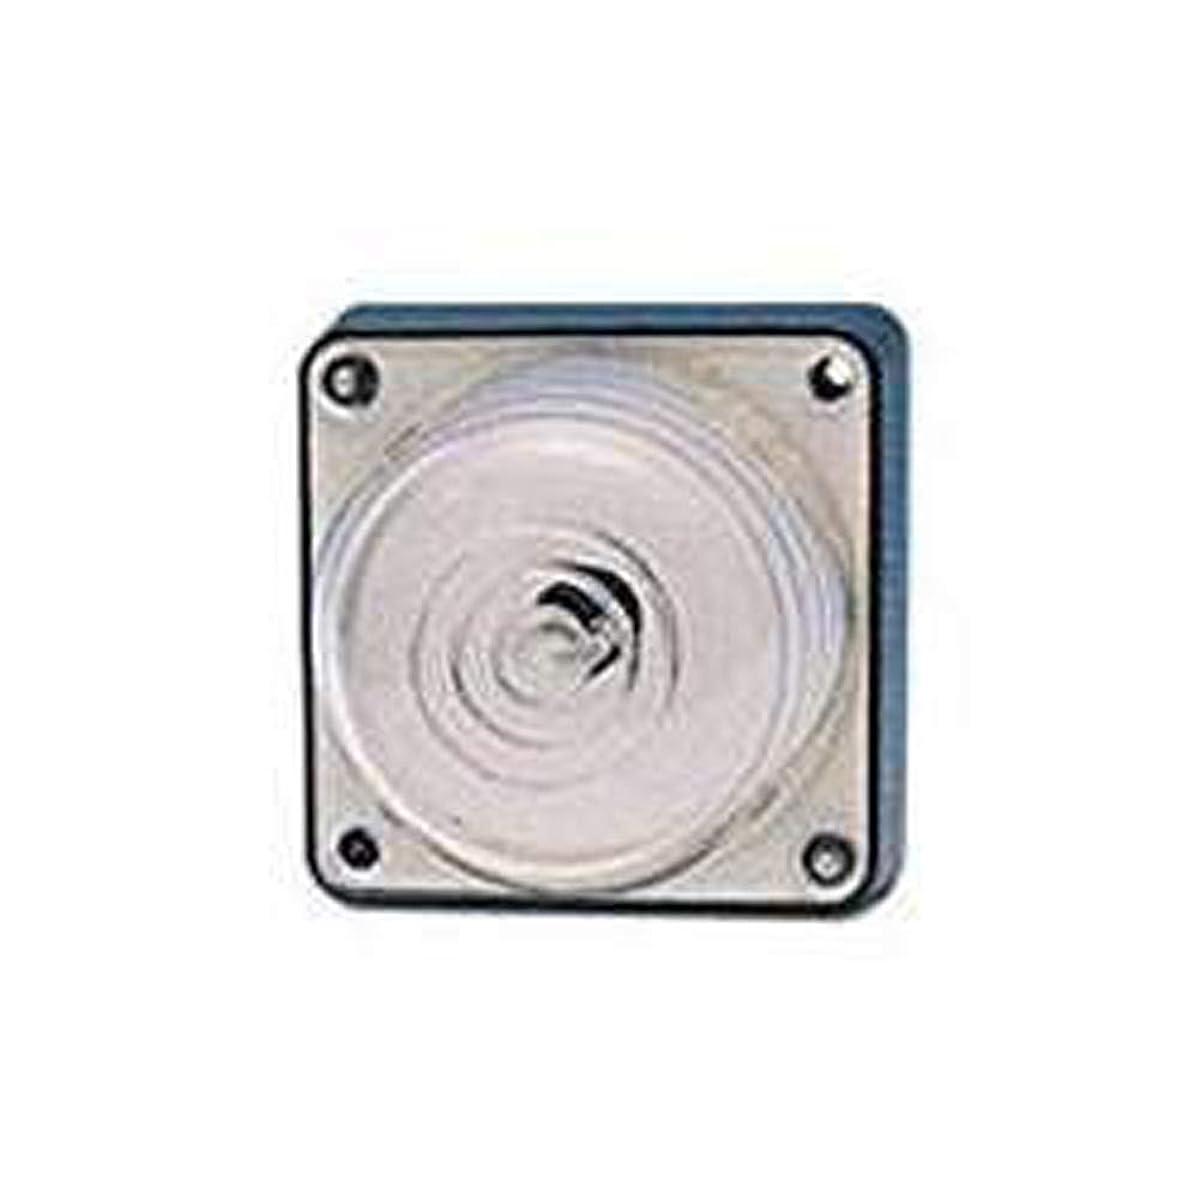 Honeywell Ademco 710CL Strobe Light w/ Clear Lens